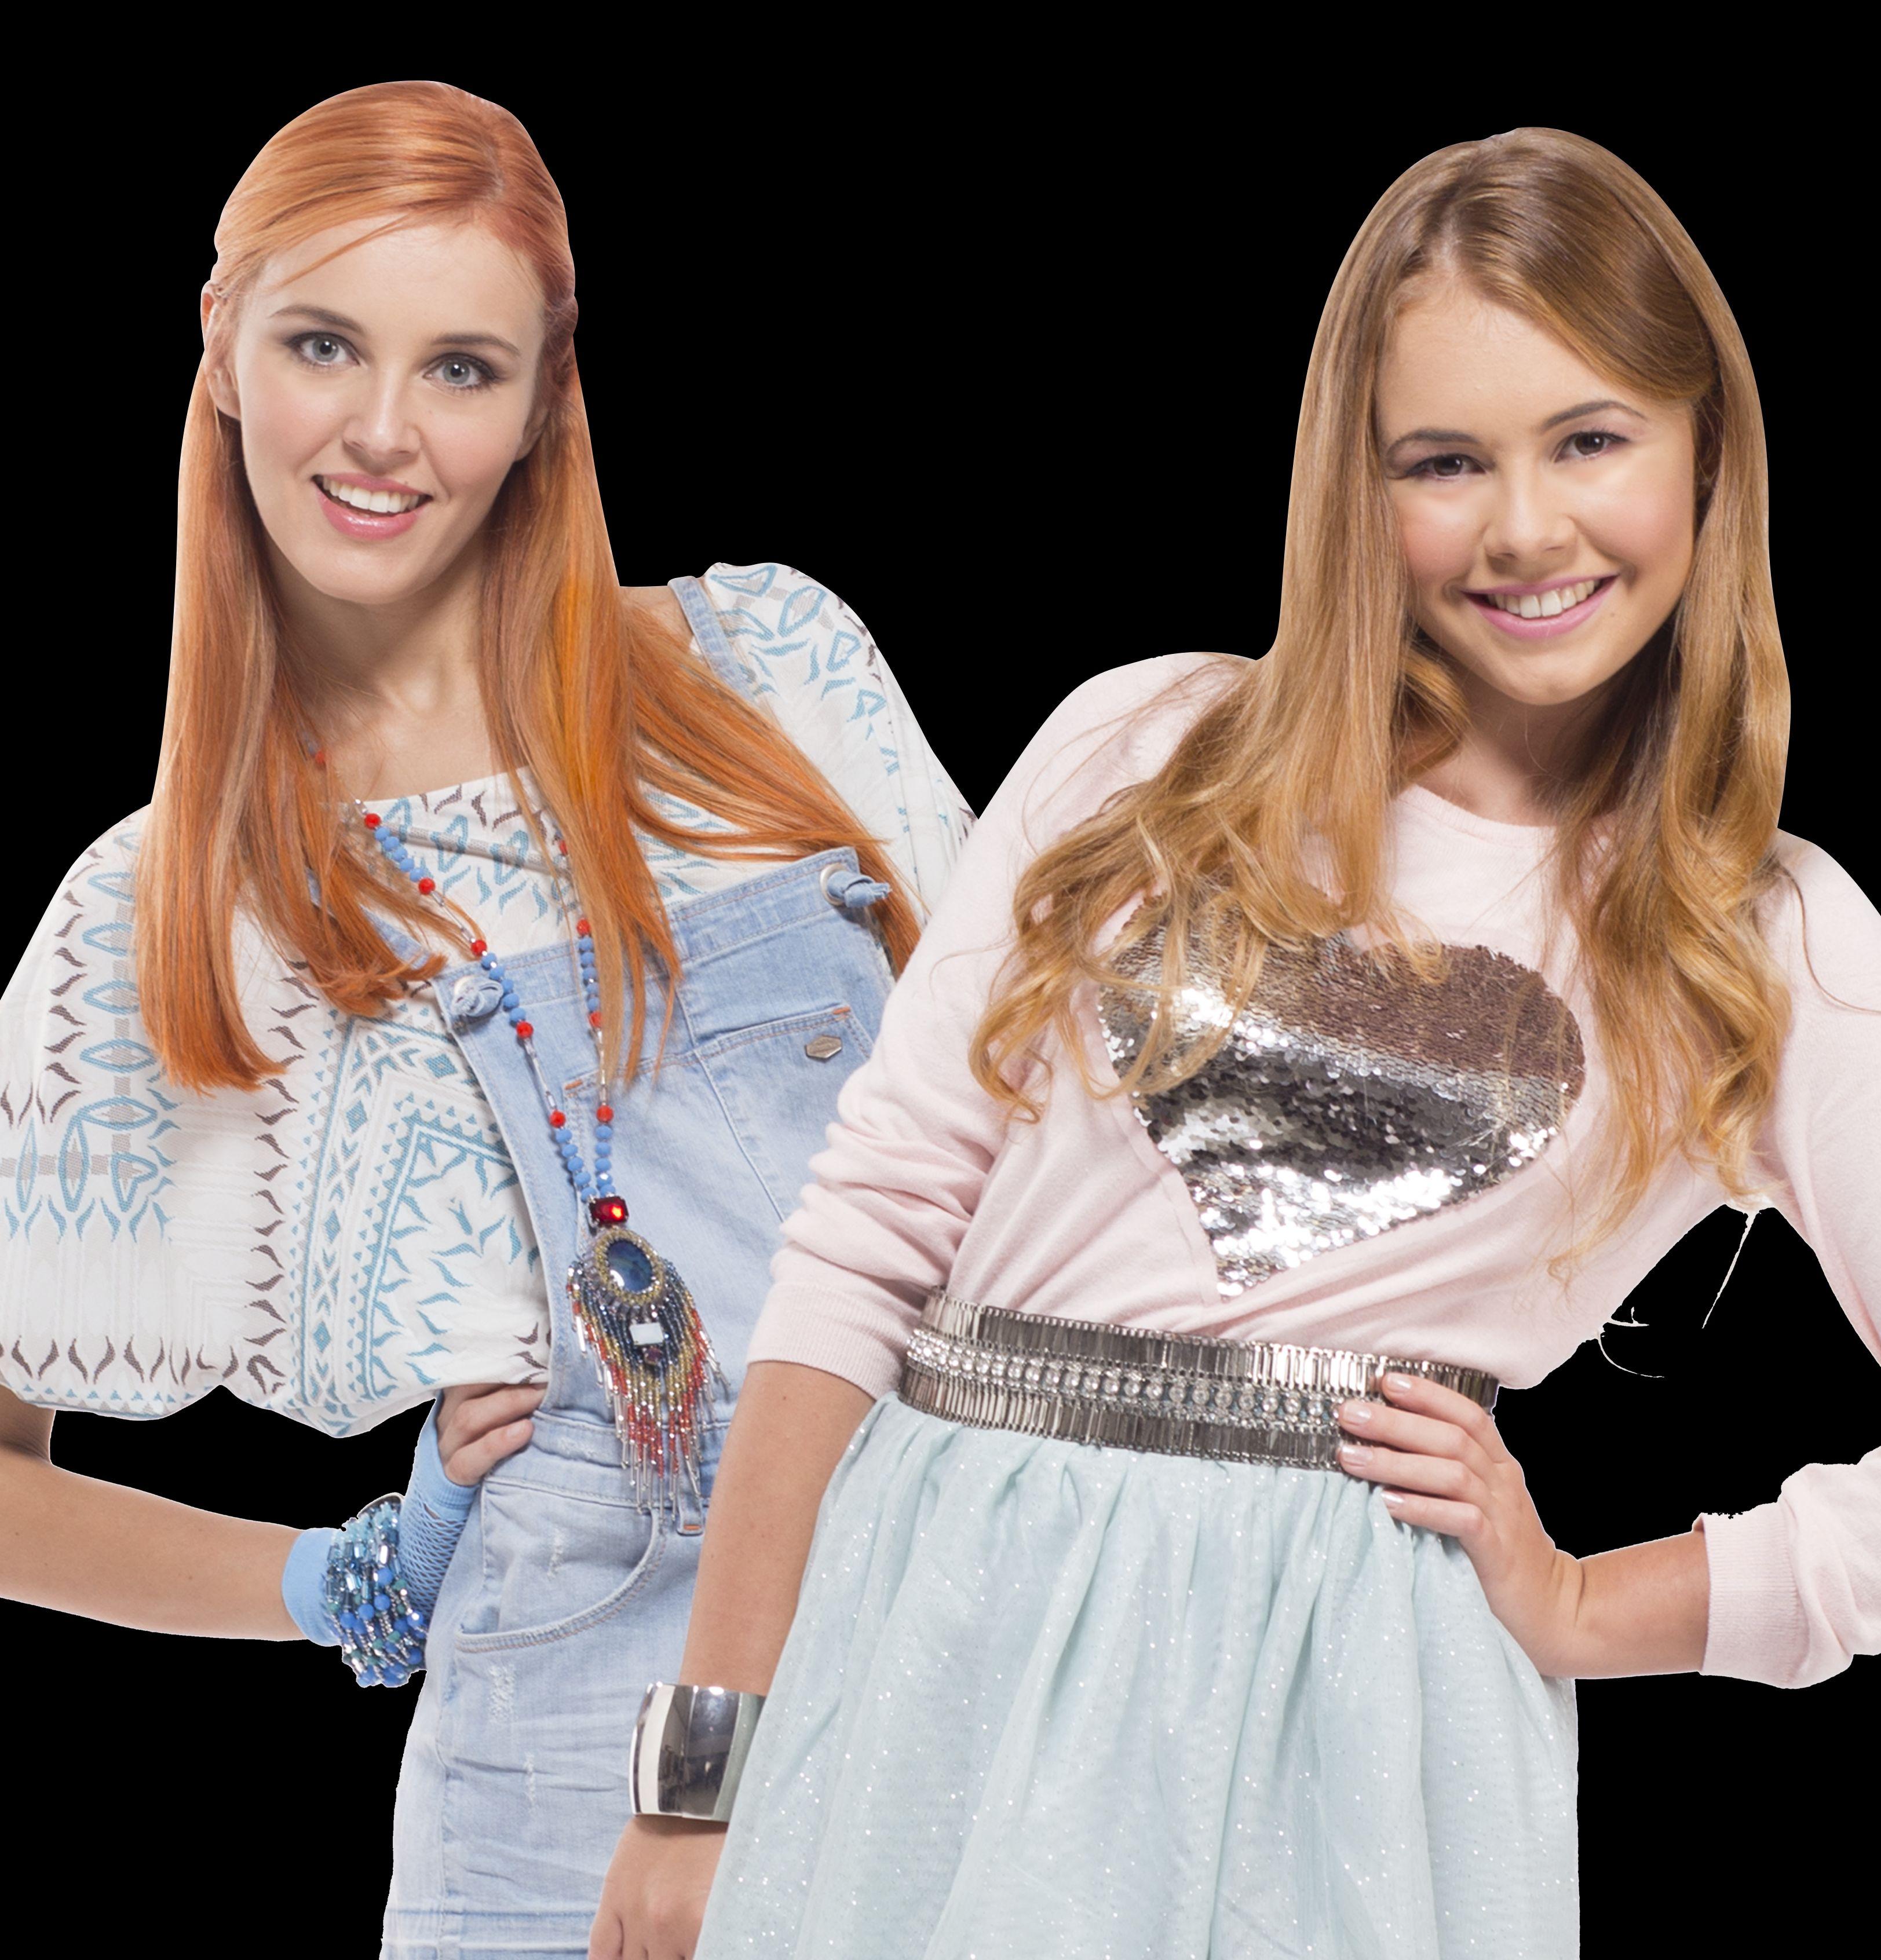 Maggie bianca fashion friends le protagoniste 427896 for Disegni da colorare maggie e bianca